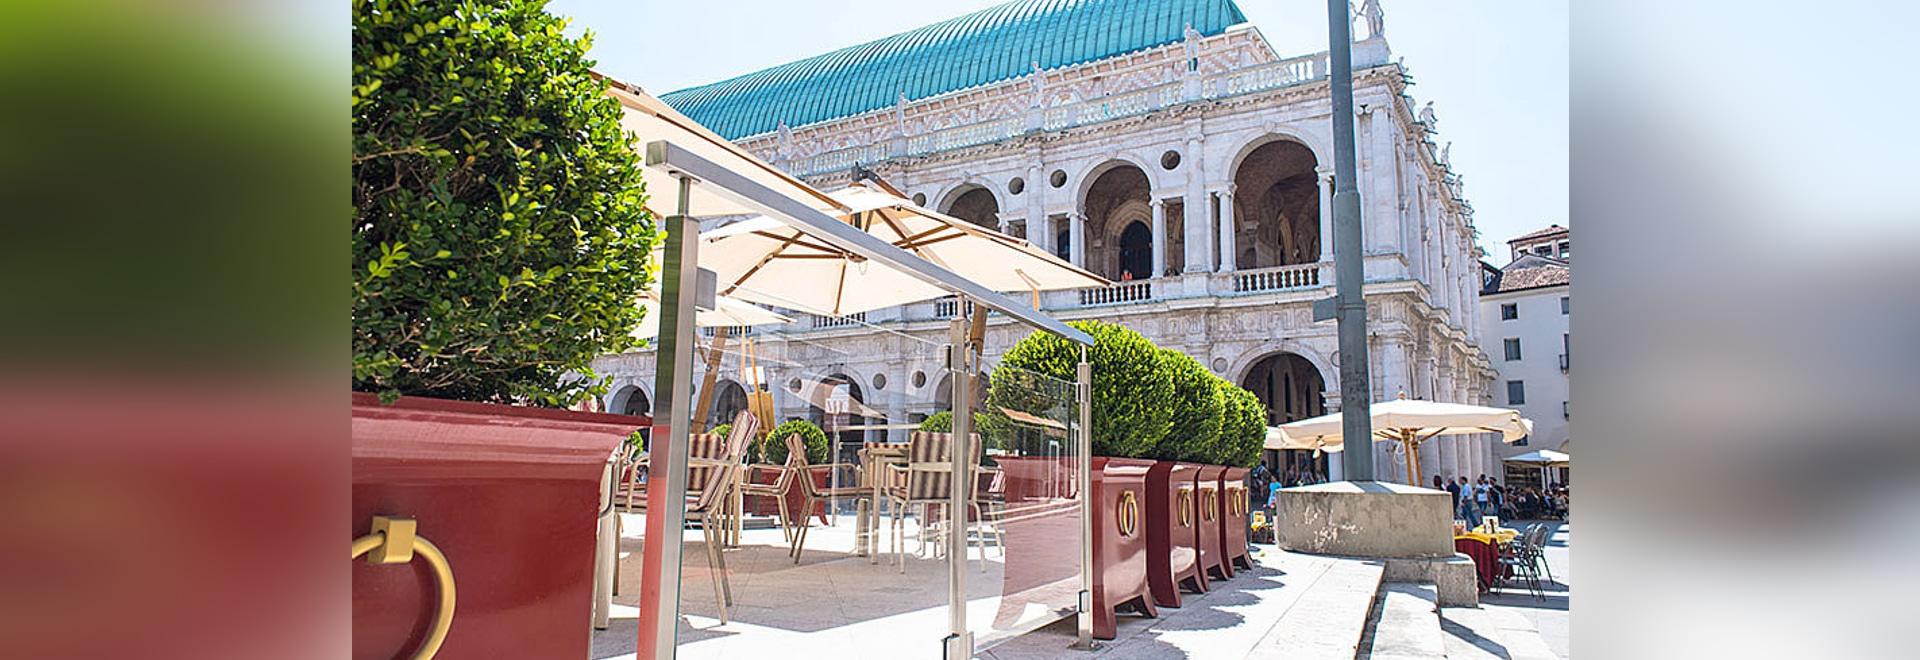 Diseño de IAM entre las arquitecturas del gran Palladio